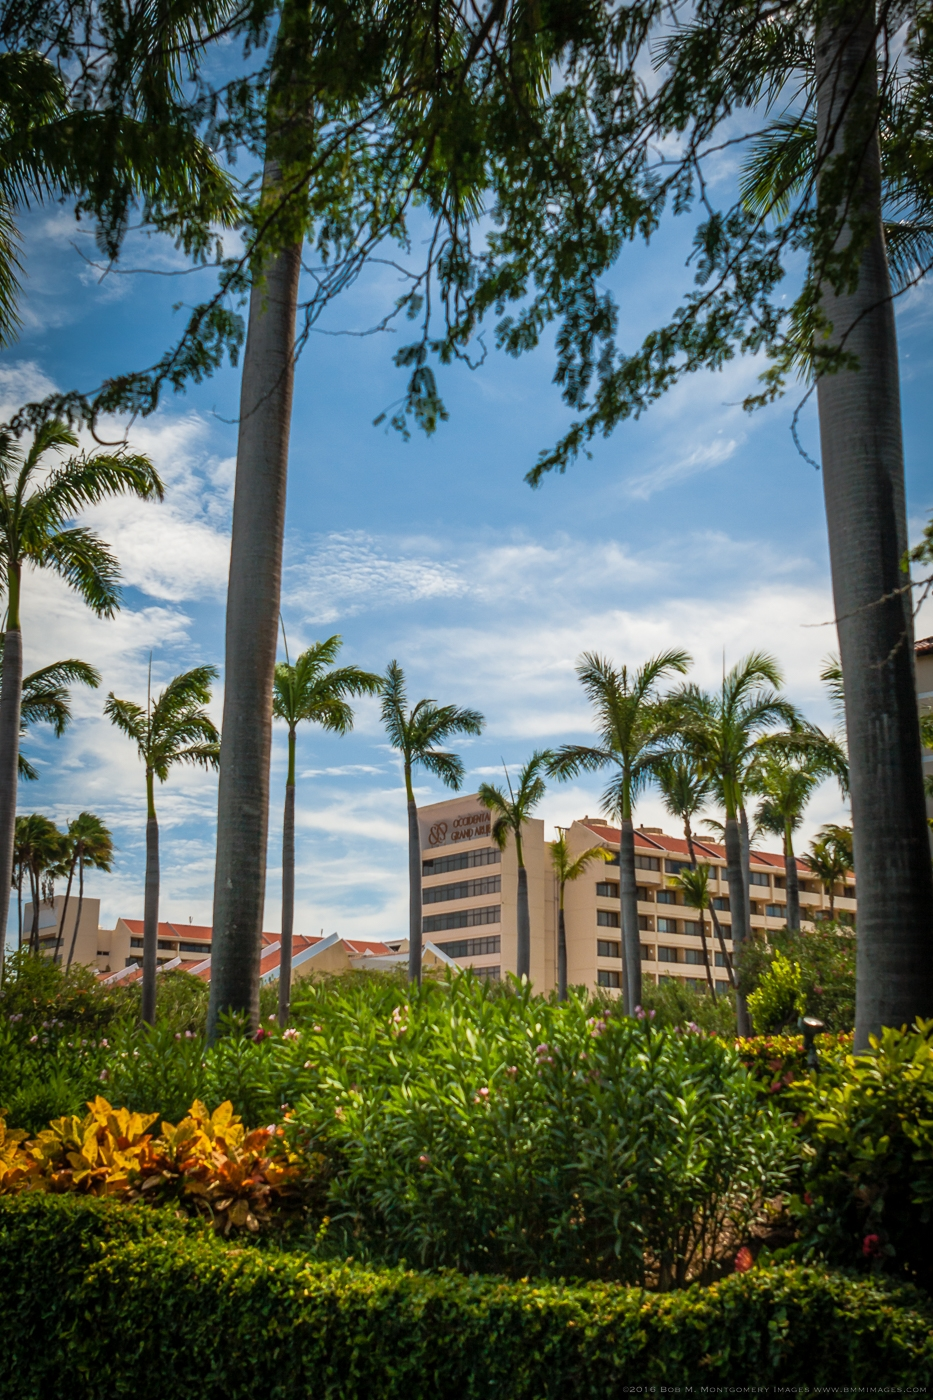 Aruba 20120504 - 0009.jpg